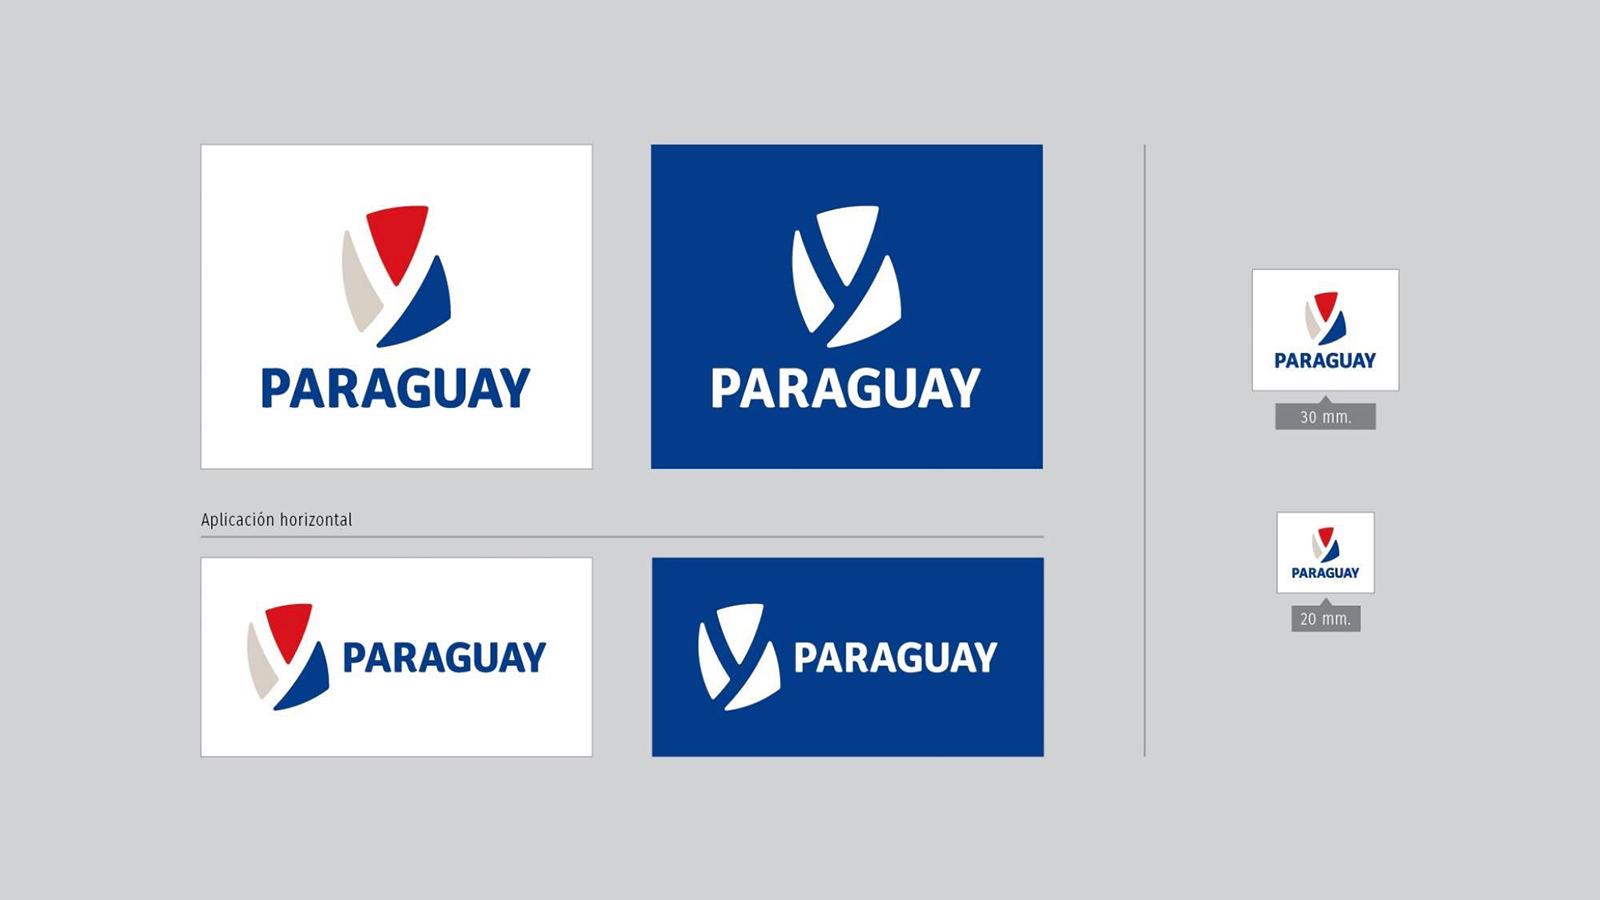 南美国家巴拉圭启用全新的国家形象并发布新的logo-深圳VI设计3